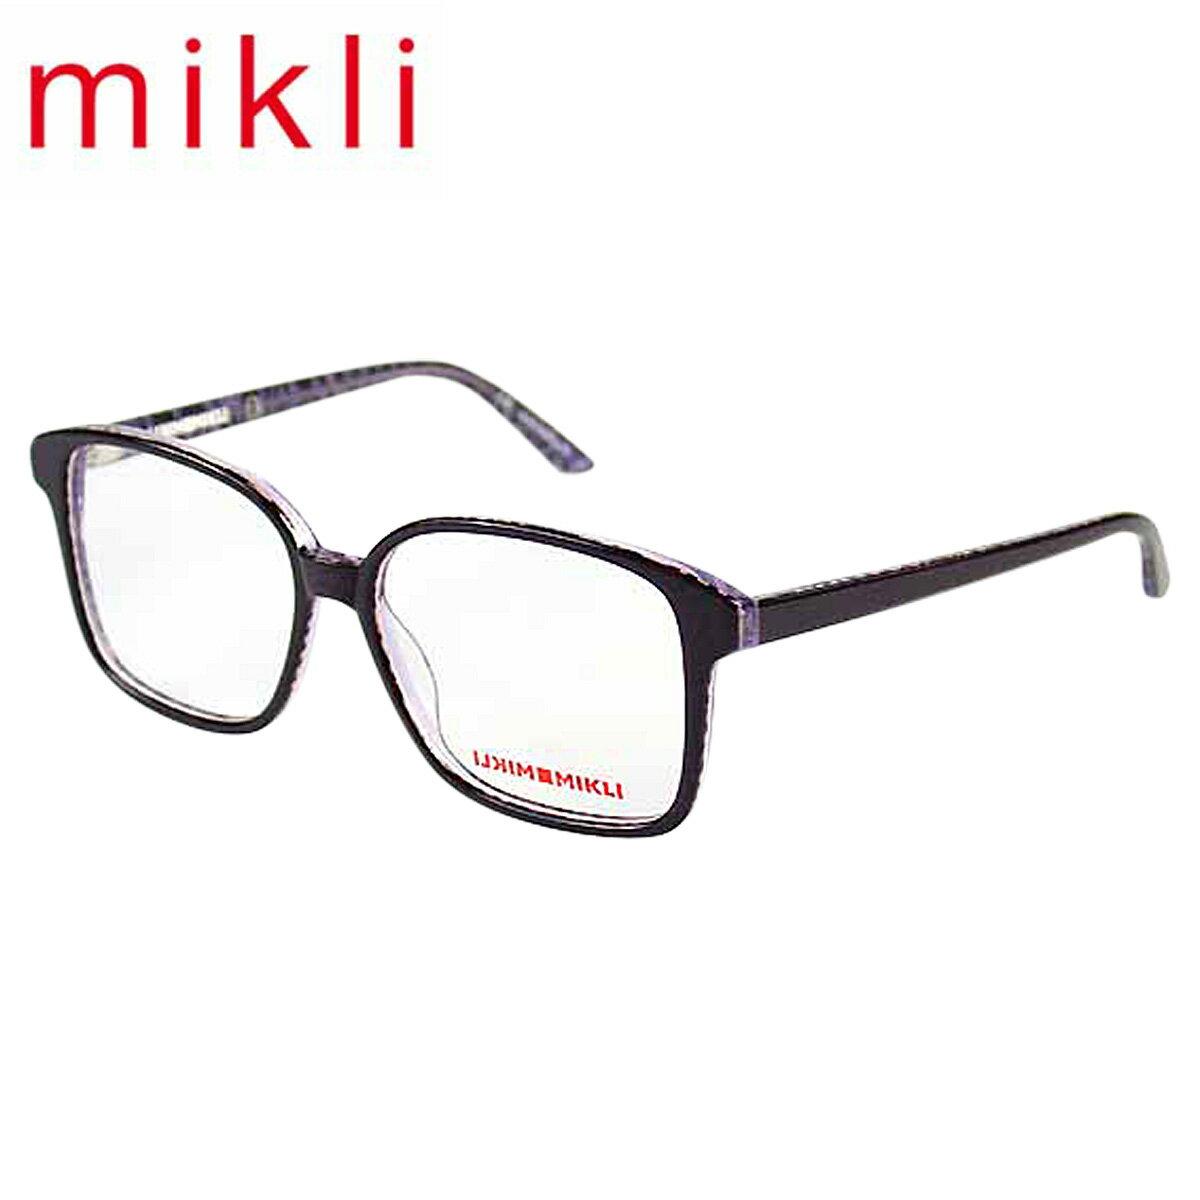 alain mikli アランミクリ メガネ 眼鏡 パープル ML1310 C002 セルフレーム alain mikli サングラス メンズ レディース